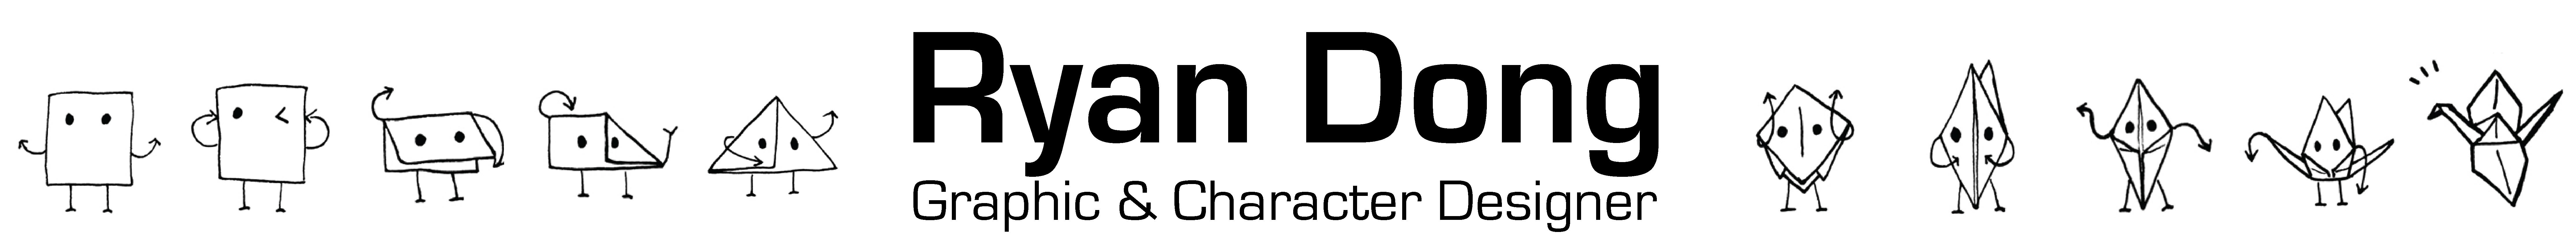 Ryan Dong